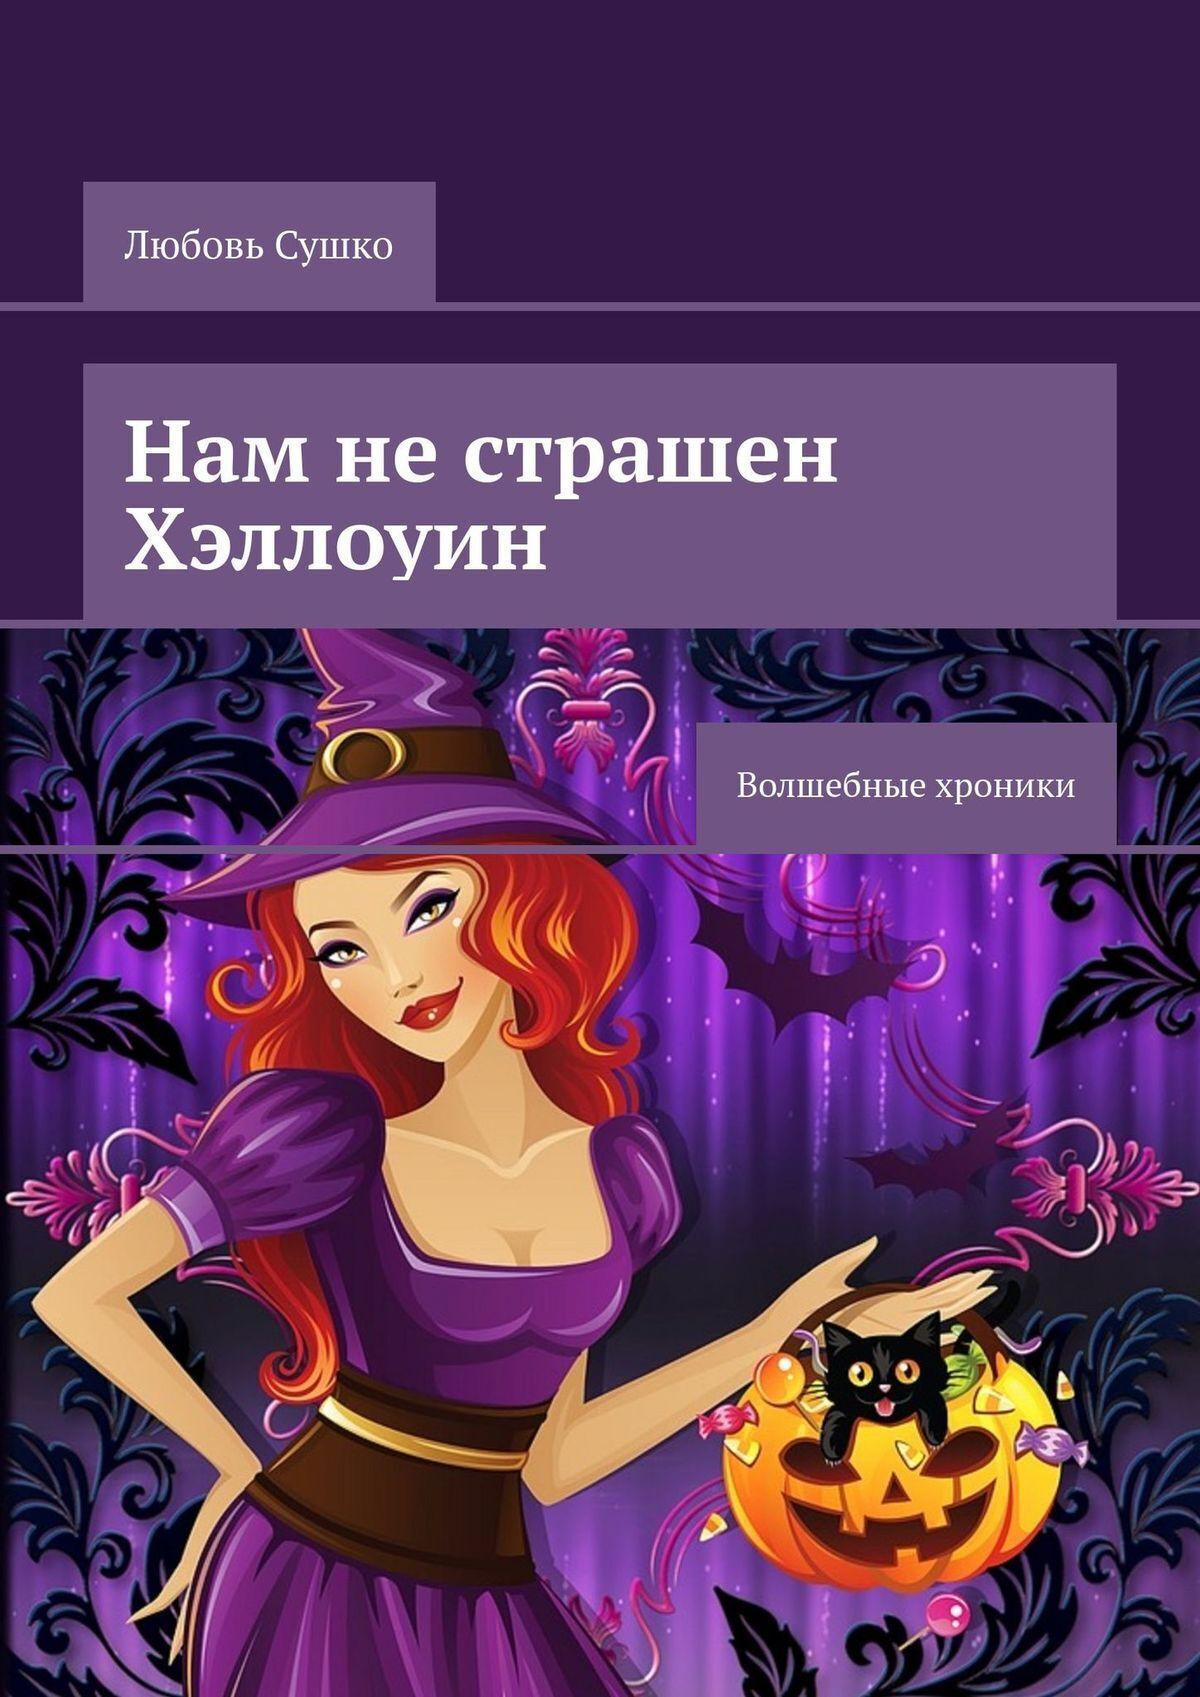 Нам нестрашен Хэллоуин. Волшебные хроники